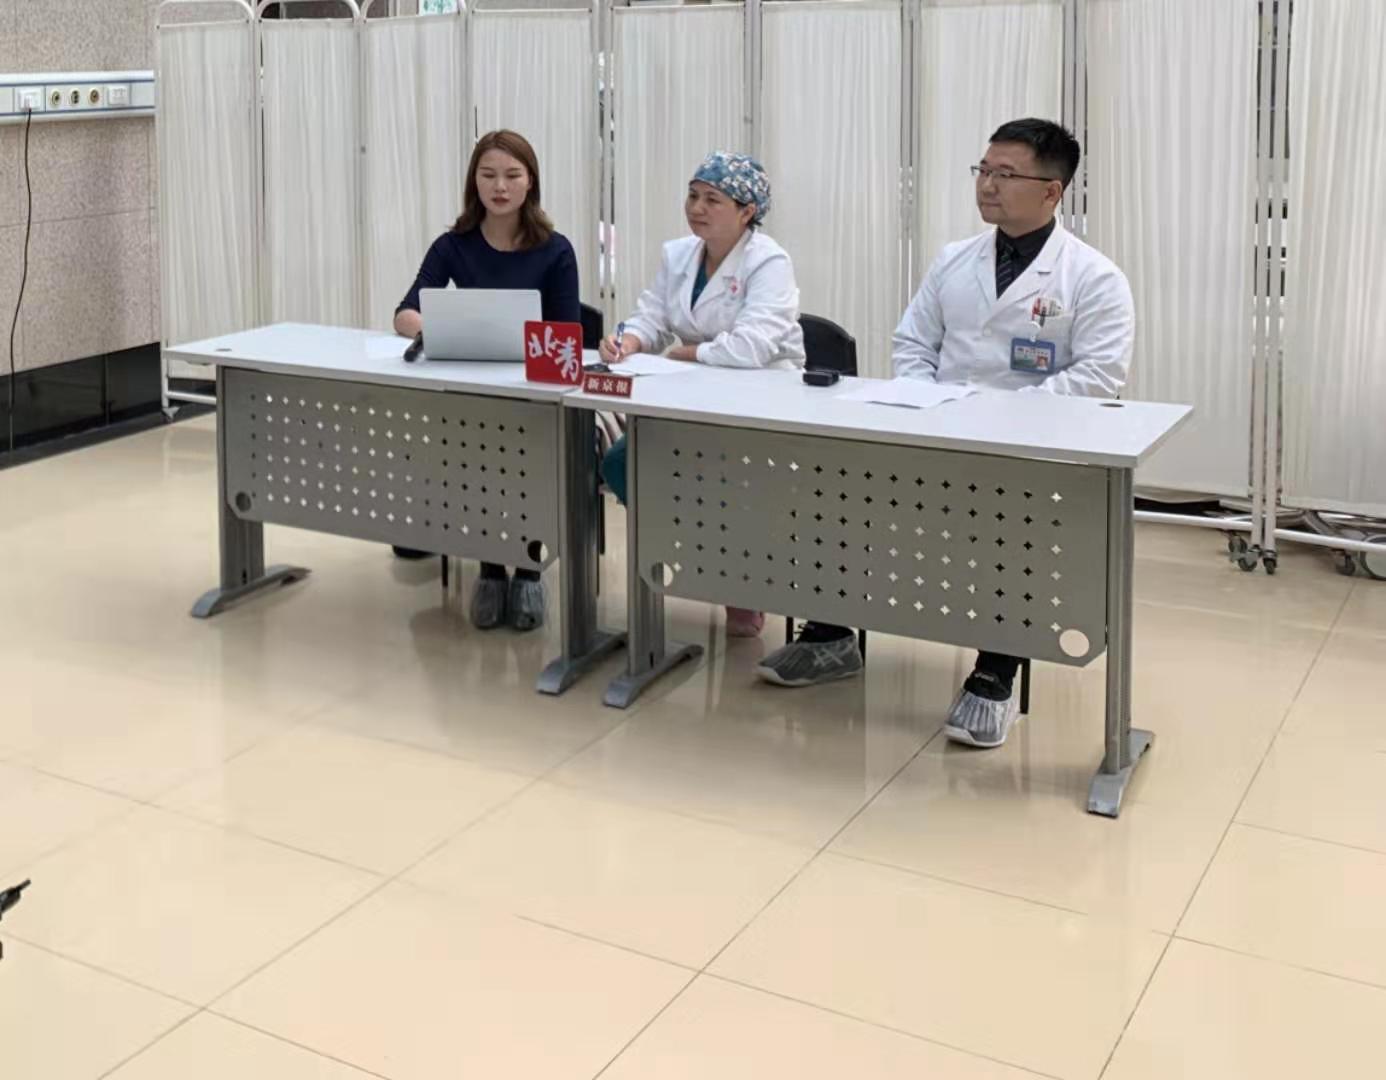 亚虎官网平台|广东宏远不能在犹豫了  想要总冠军必须马上换回比斯利!